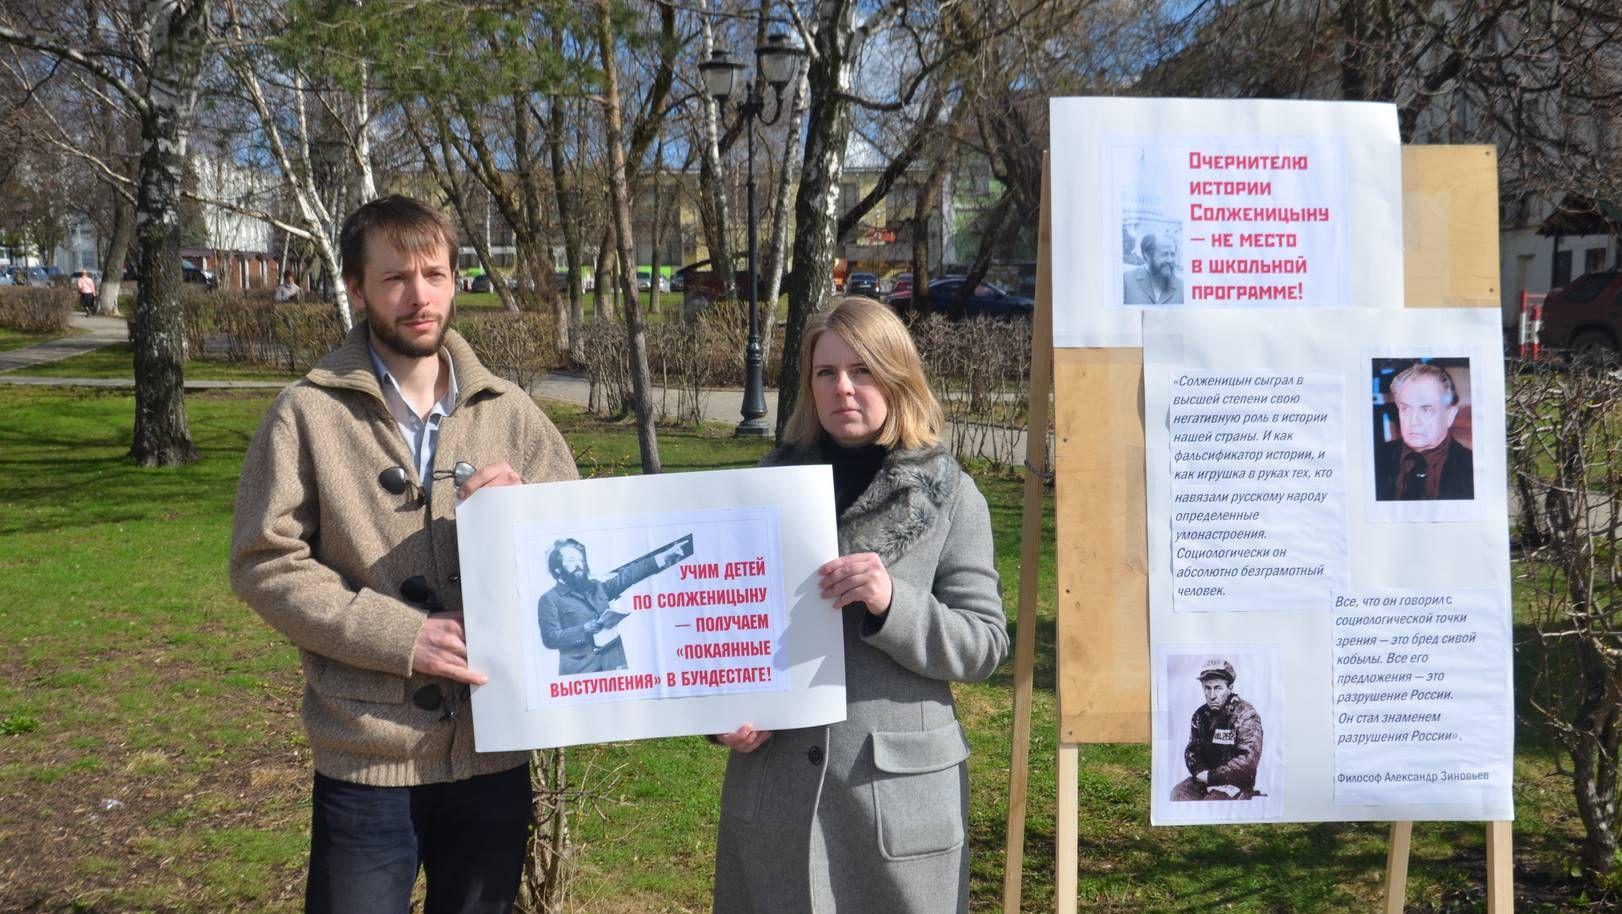 Пикет против увековечения памяти Солженицына. 27 апреля. Сергиев Посад